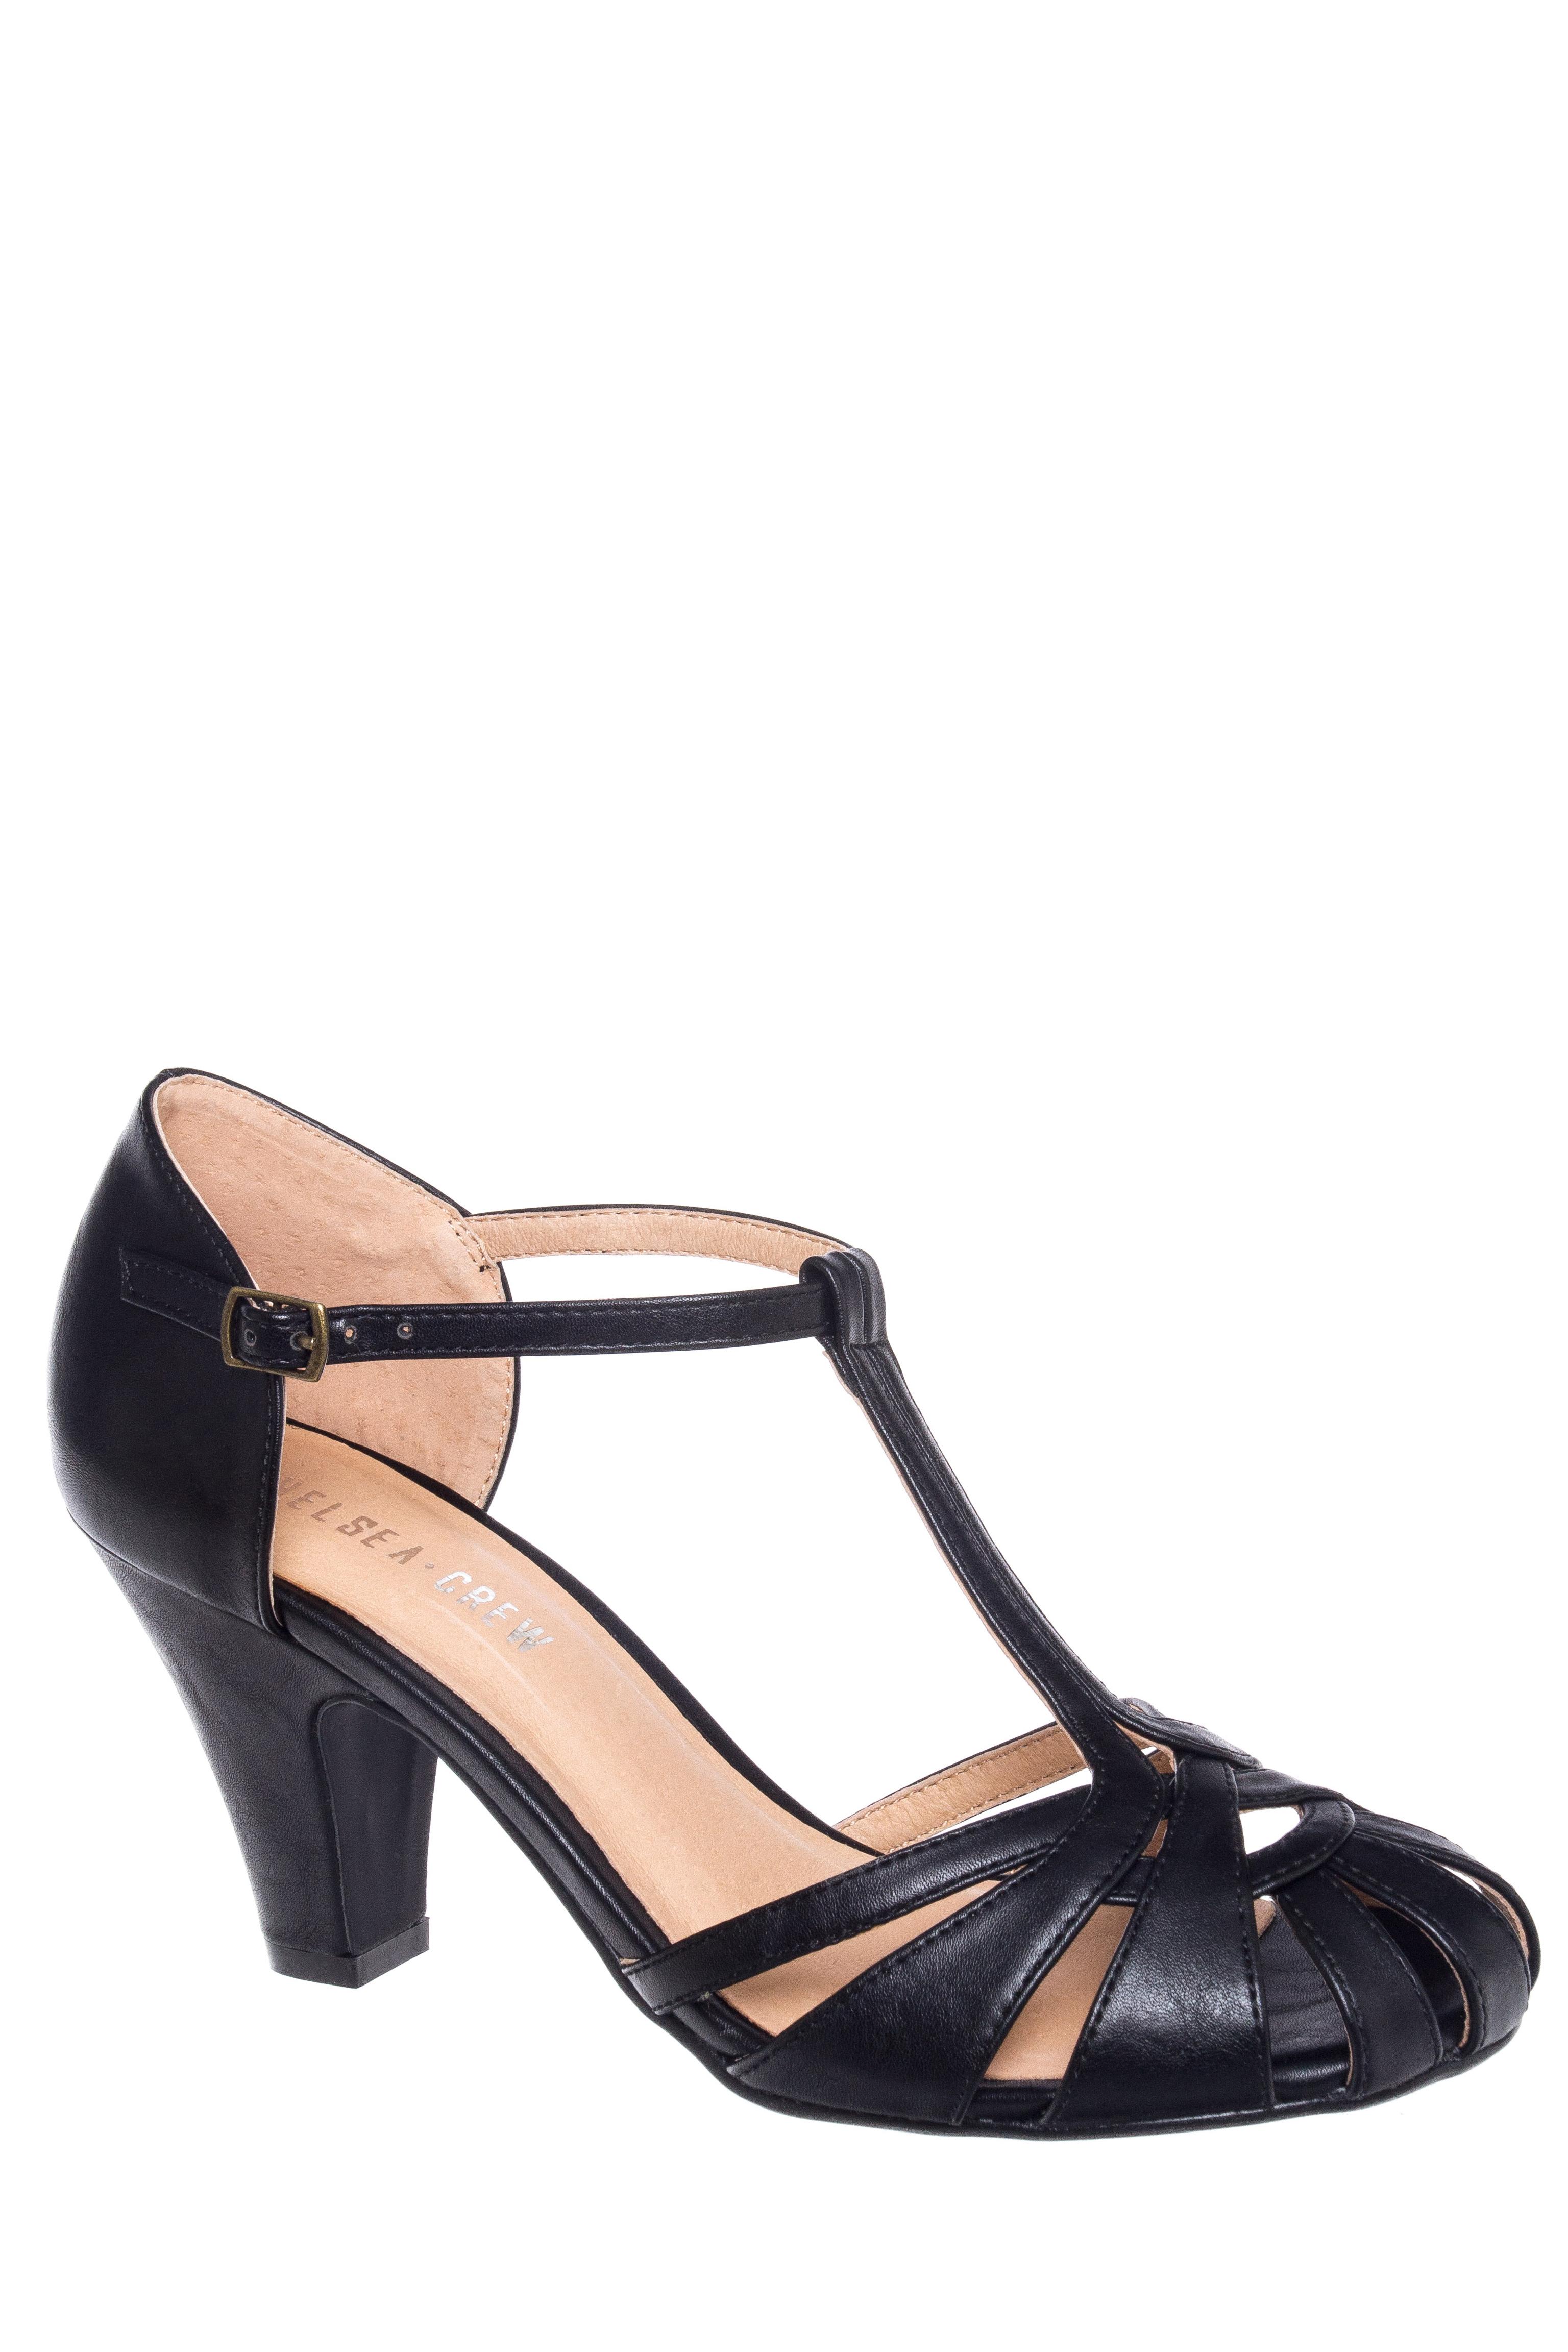 Sergi Ankle Strap Mid Heel Sandal $45.49 AT vintagedancer.com